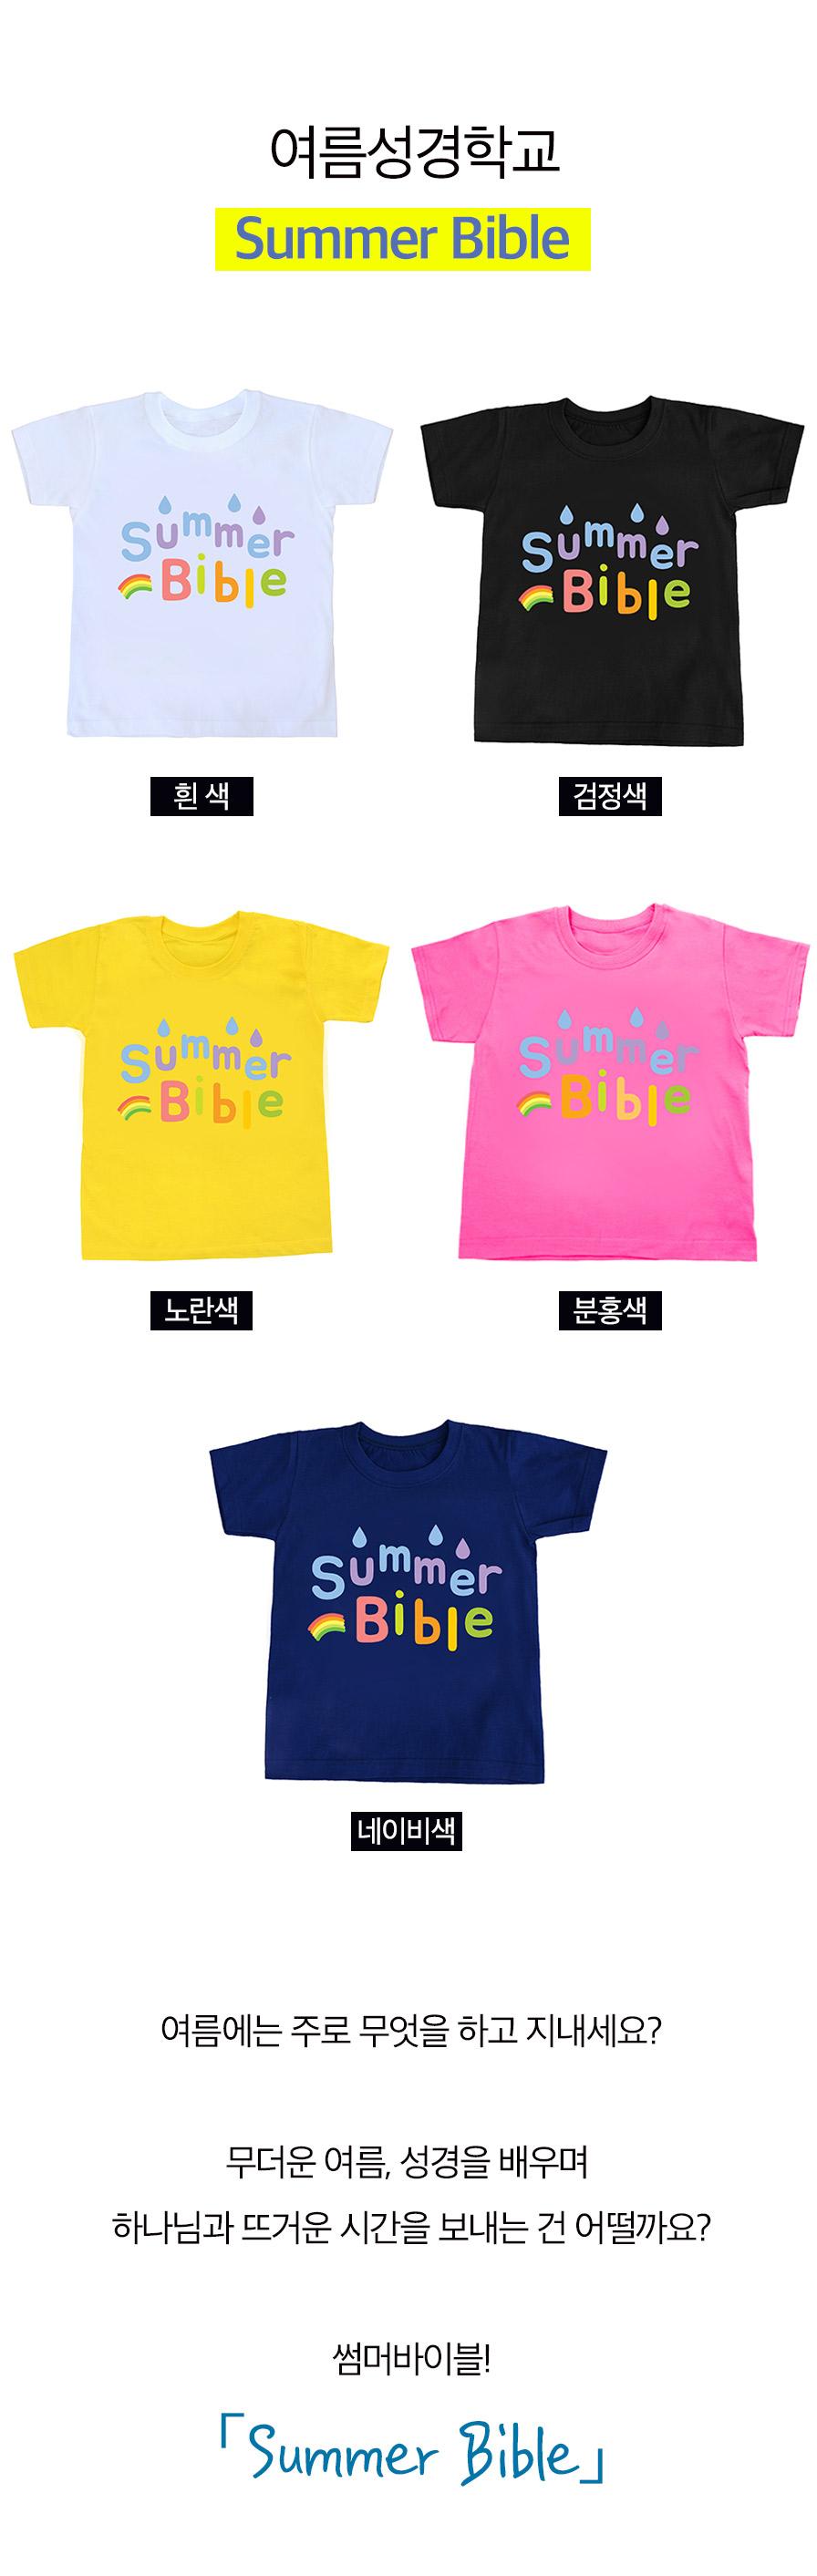 단체티셔츠 Summer Bible 썸머바이블 성인용 색상안내